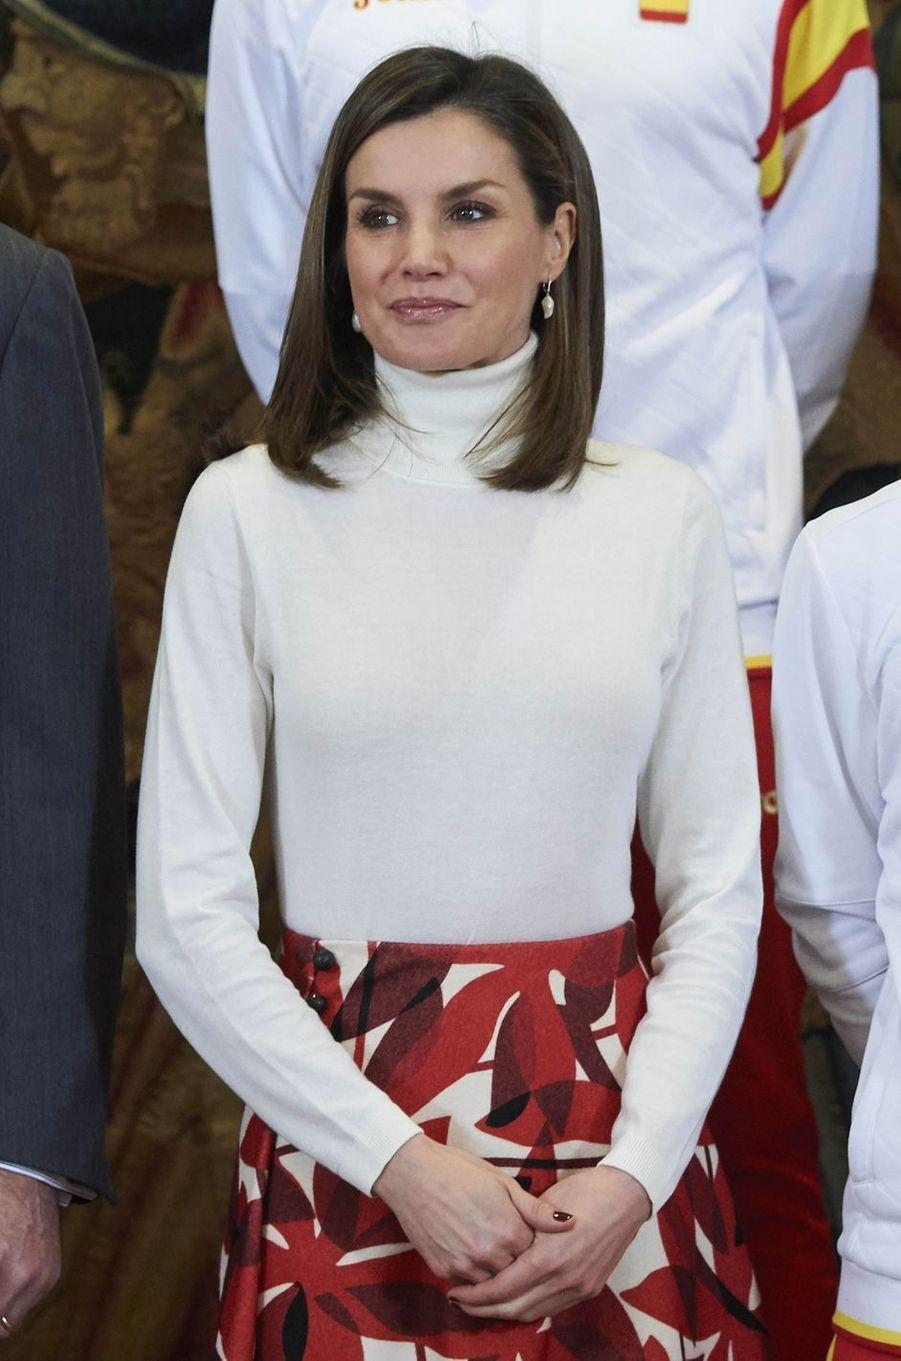 La reine Letizia d'Espagne à Madrid, le 6 mars 2018